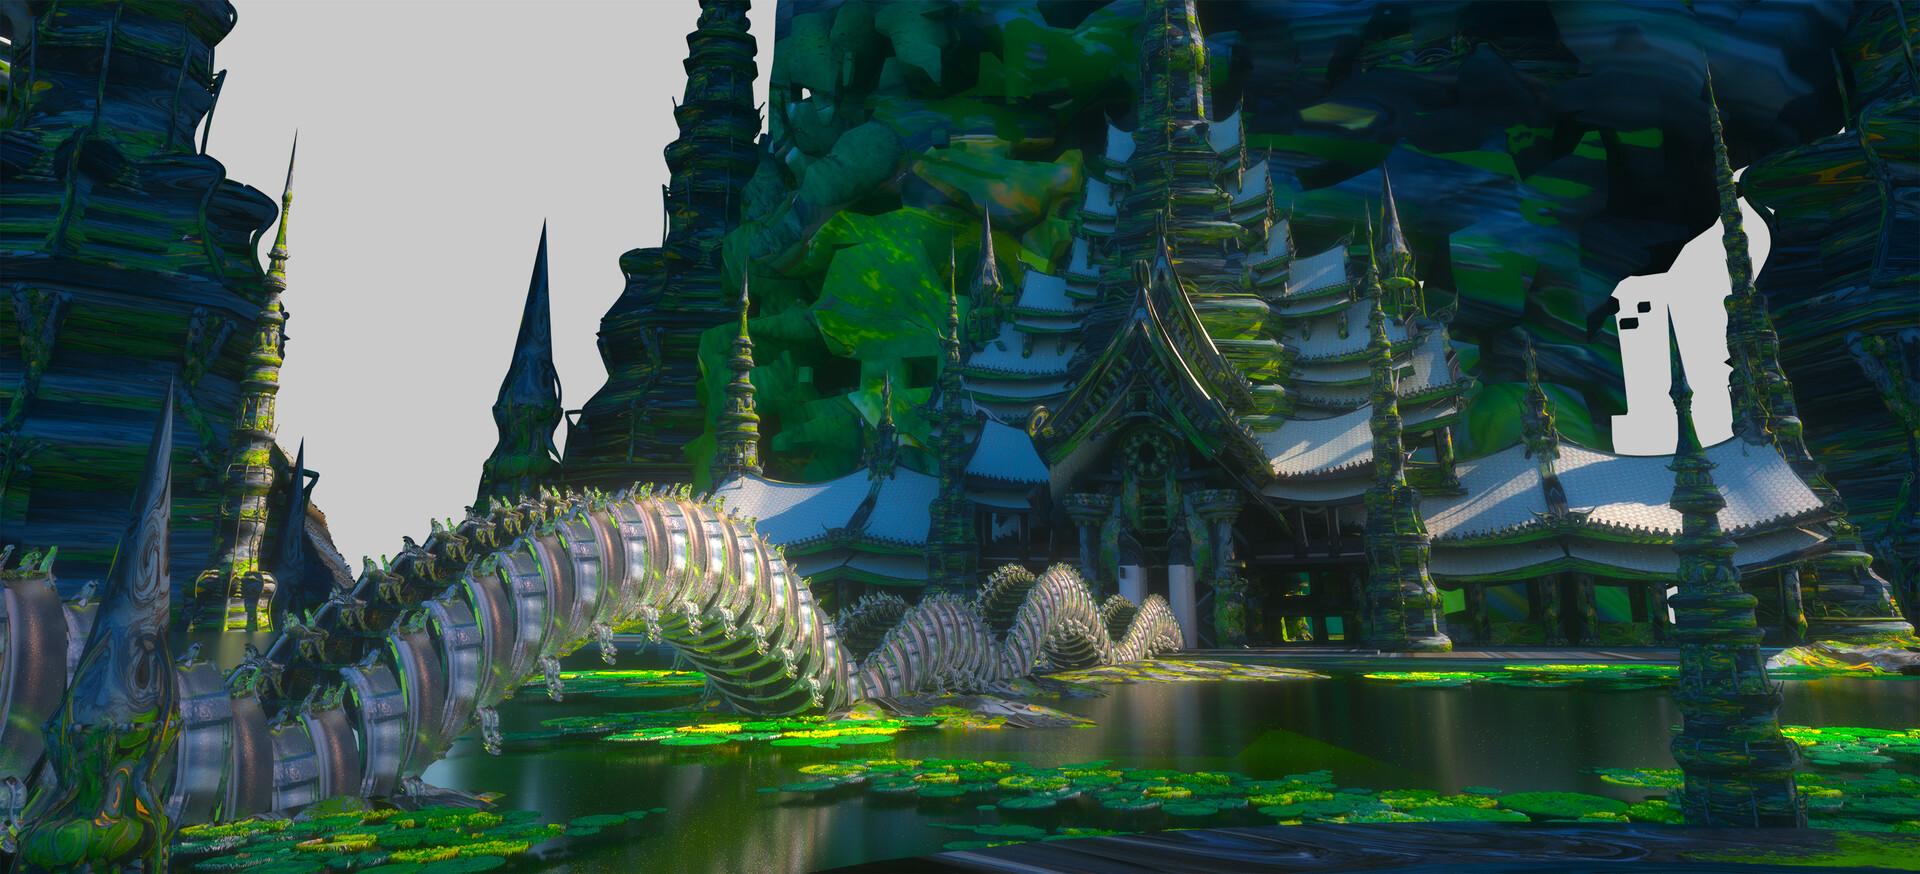 Leon tukker thai temple highres3d